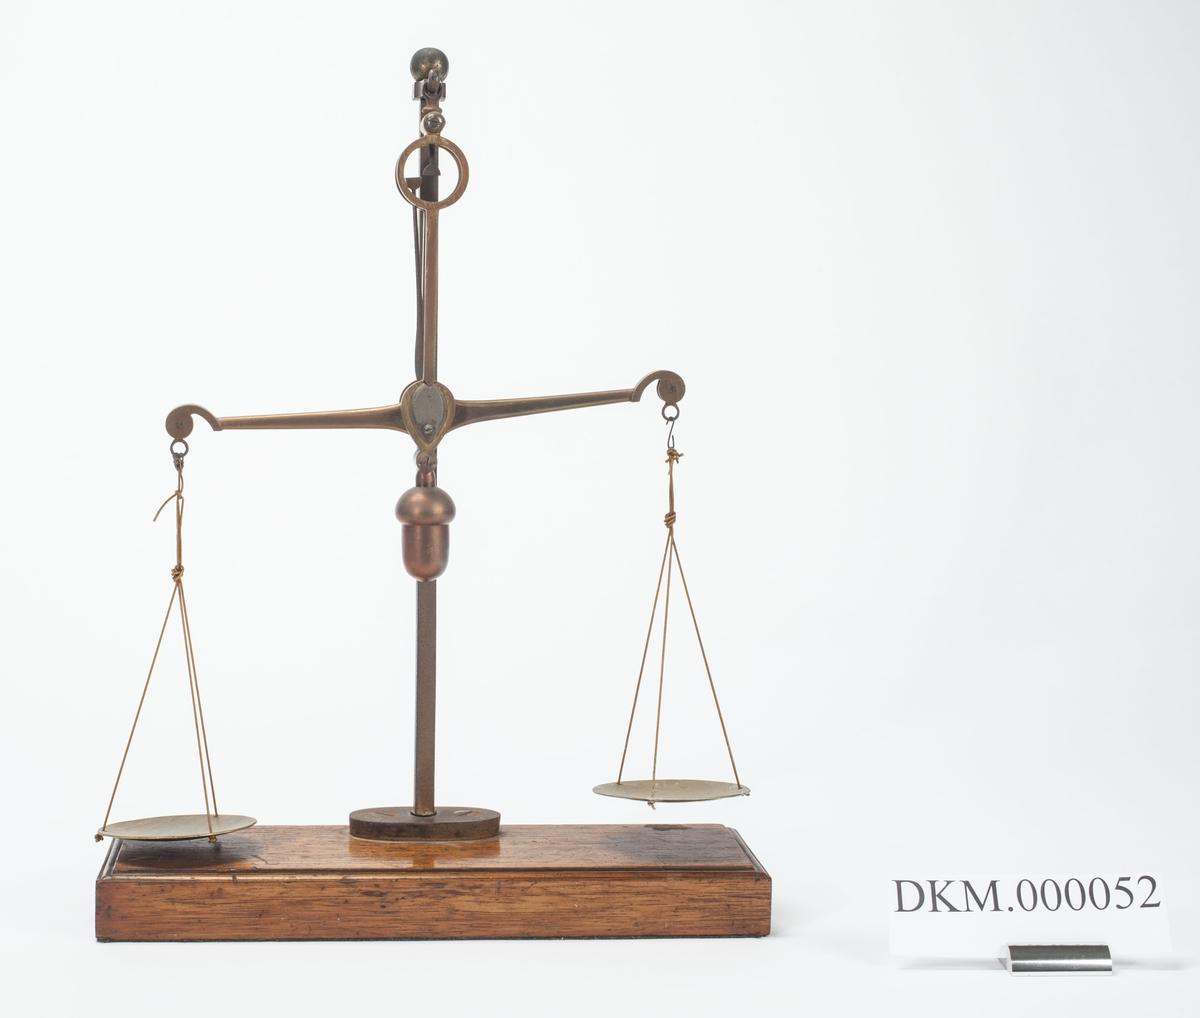 Skålvekt som er montert på en treplate. Vekta har ingen skala, men to visere som skal passe mot hverandre når vekta er i likevektsposisjon. De to skålene er runde.